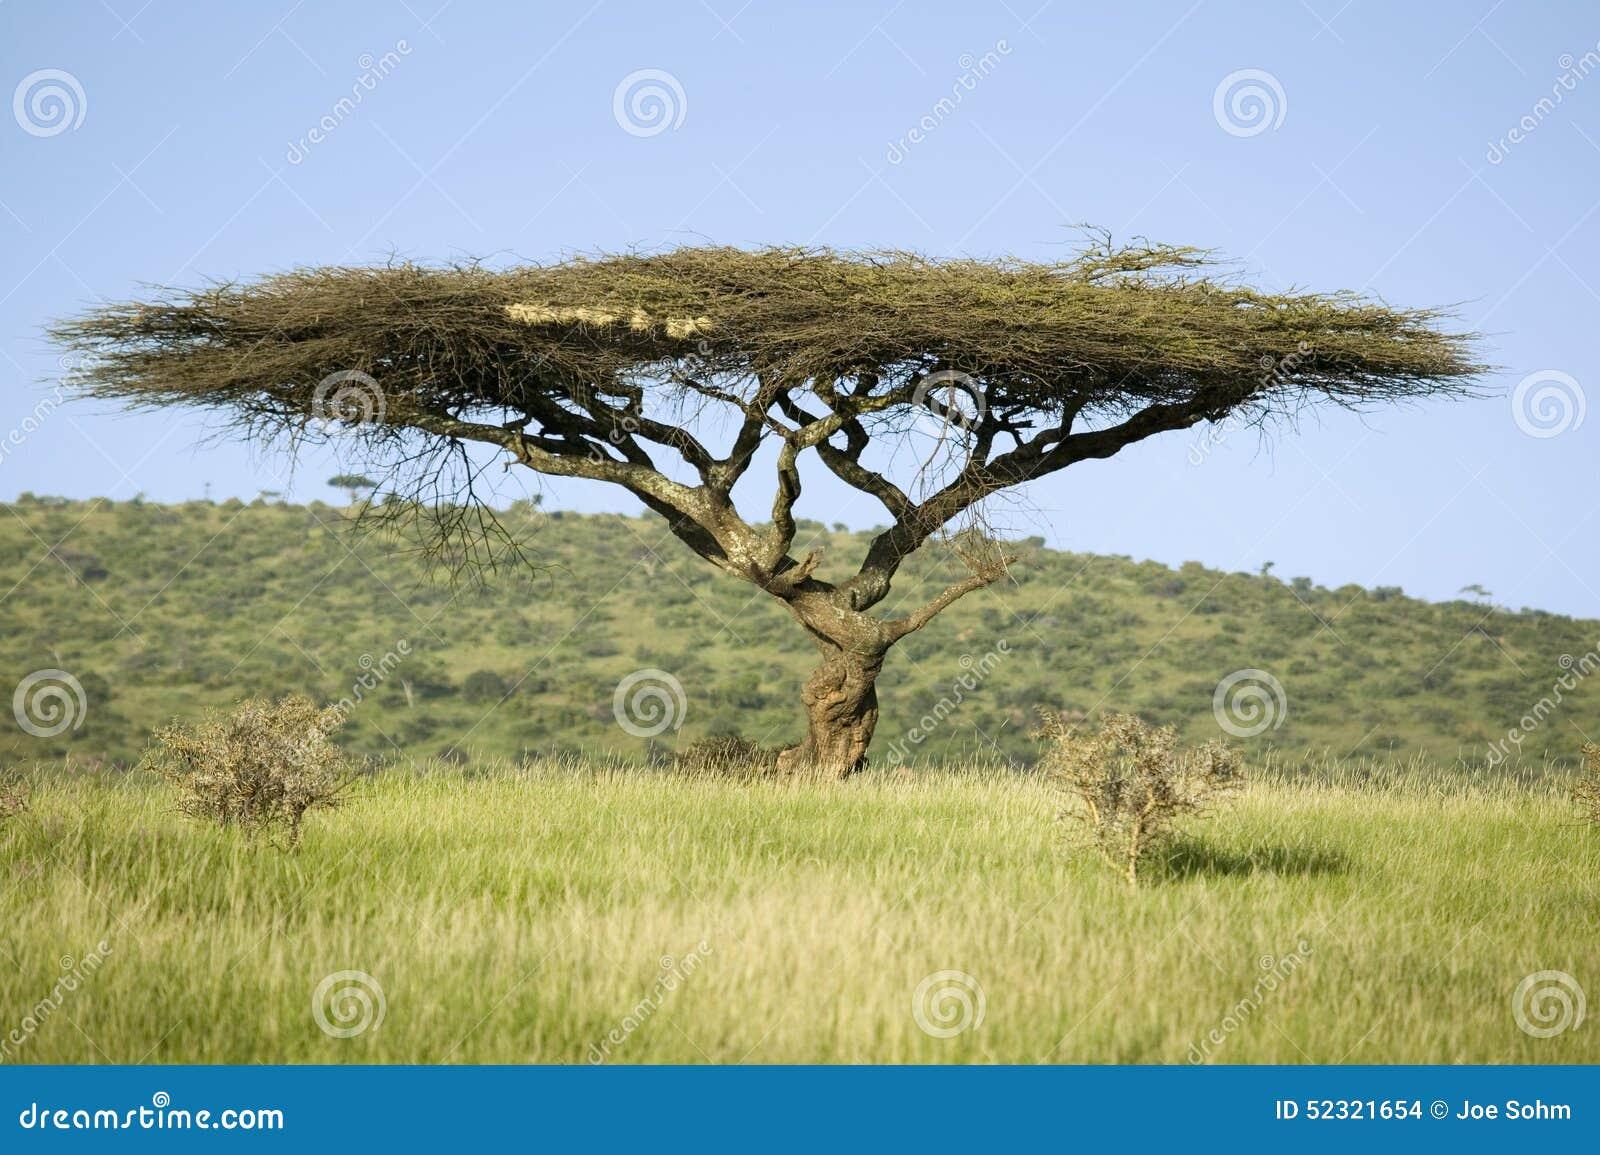 Δέντρο ακακιών στην πράσινη χλόη της συντήρησης άγριας φύσης Lewa, βόρεια Κένυα, Αφρική